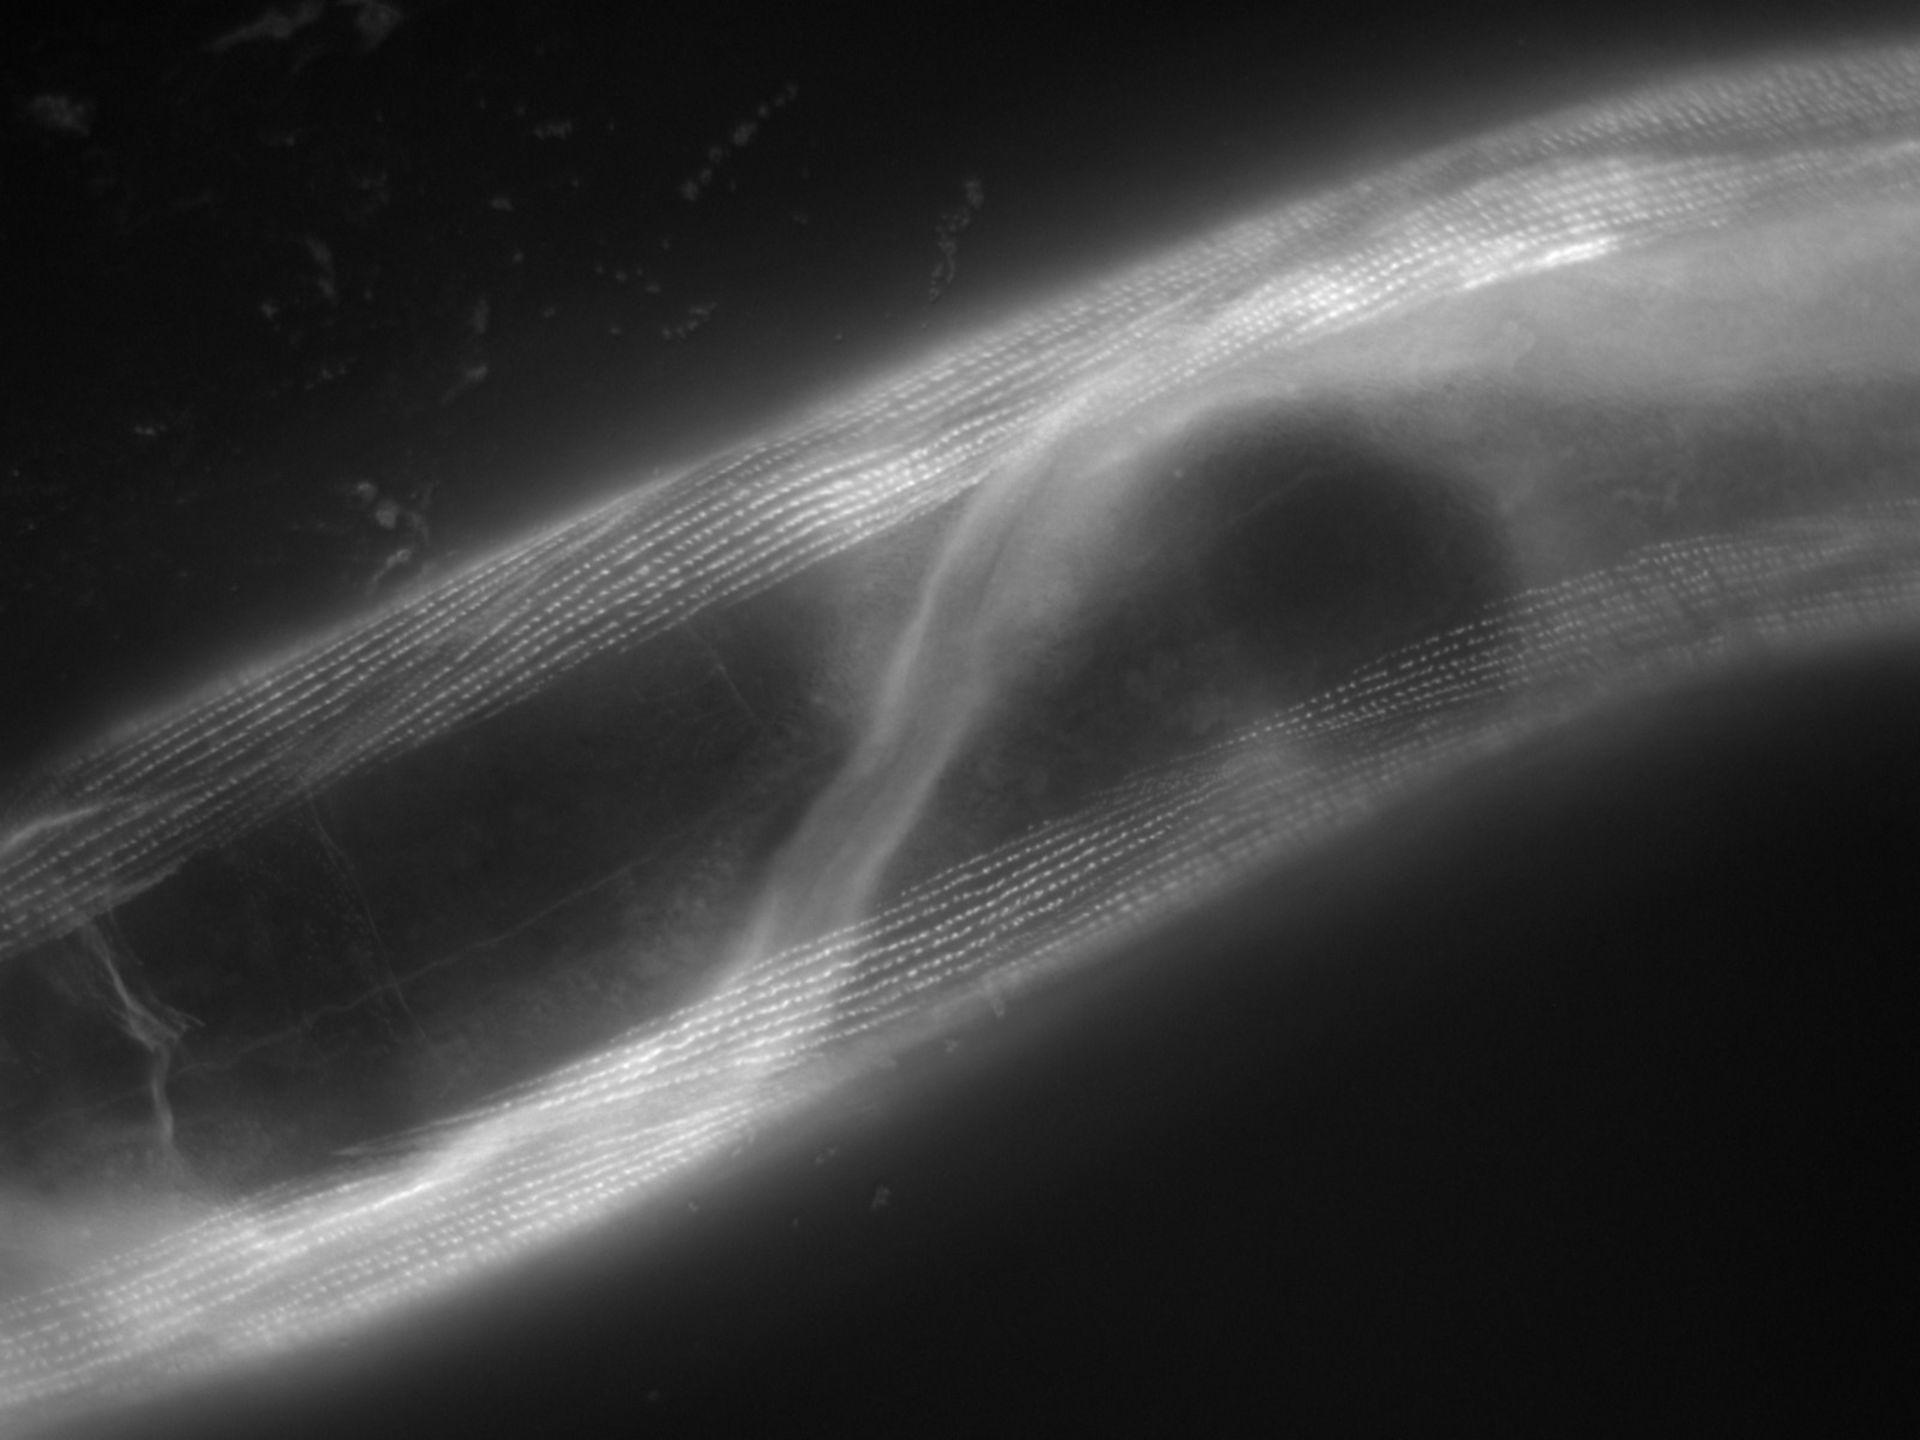 Caenorhabditis elegans (Actin filament) - CIL:1159